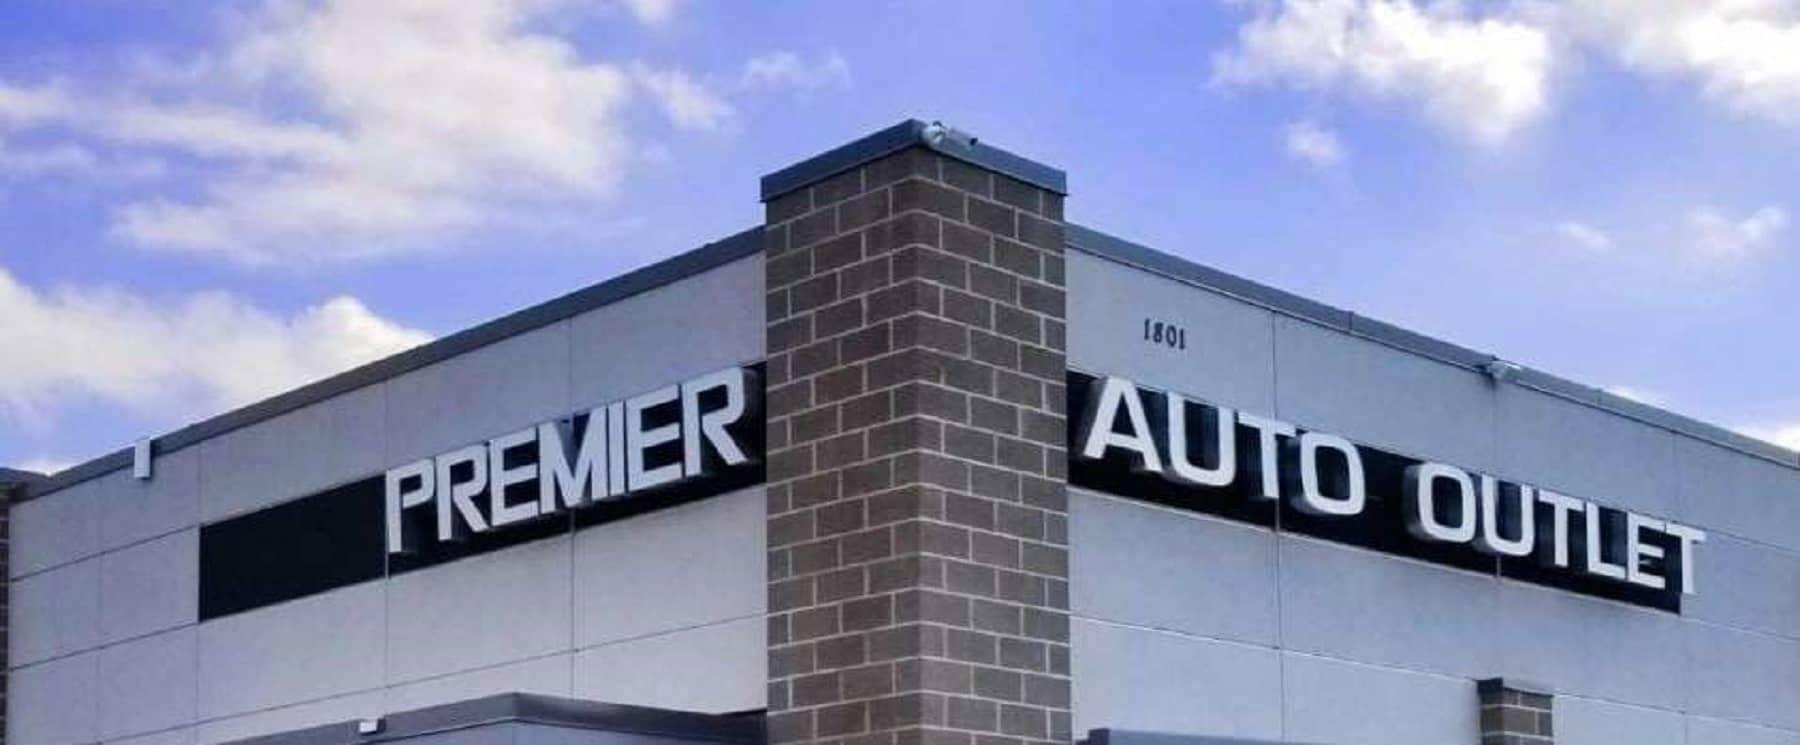 Premier Auto Outlet